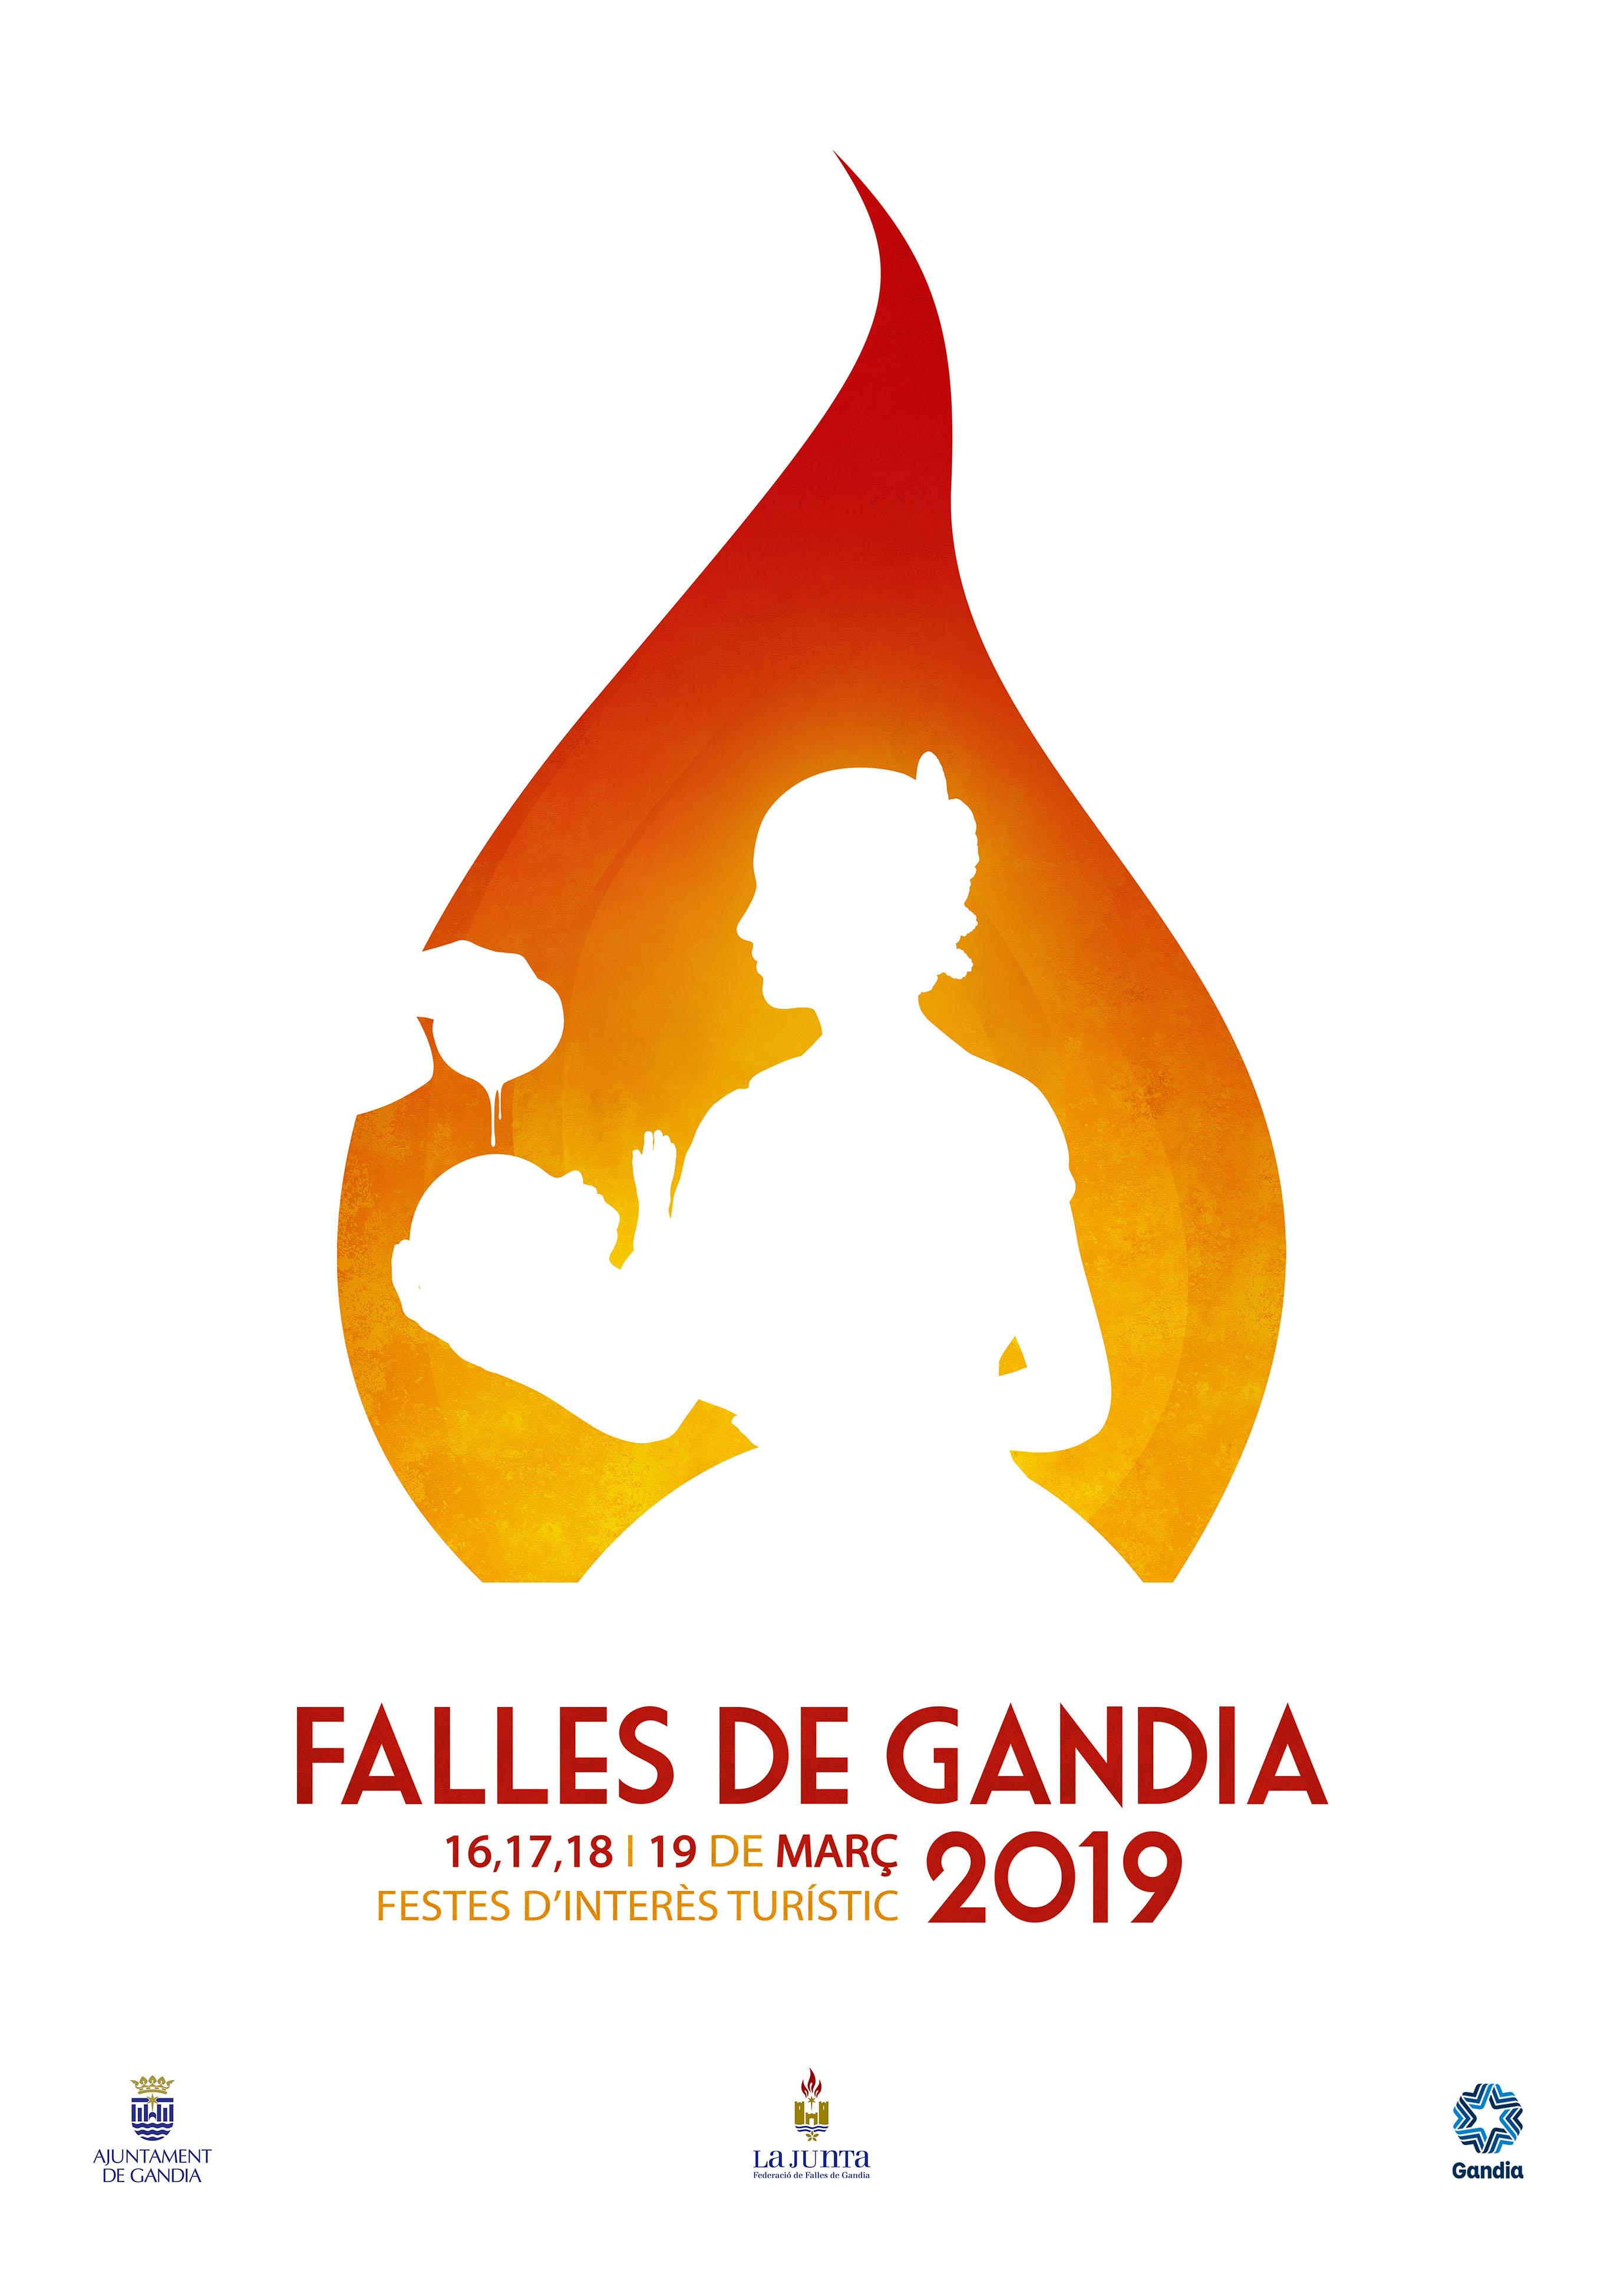 Rubén Lucas Garcia guanya el Concurs de Cartells Tomàs Femenia i la seua obra anunciarà les falles del 2019